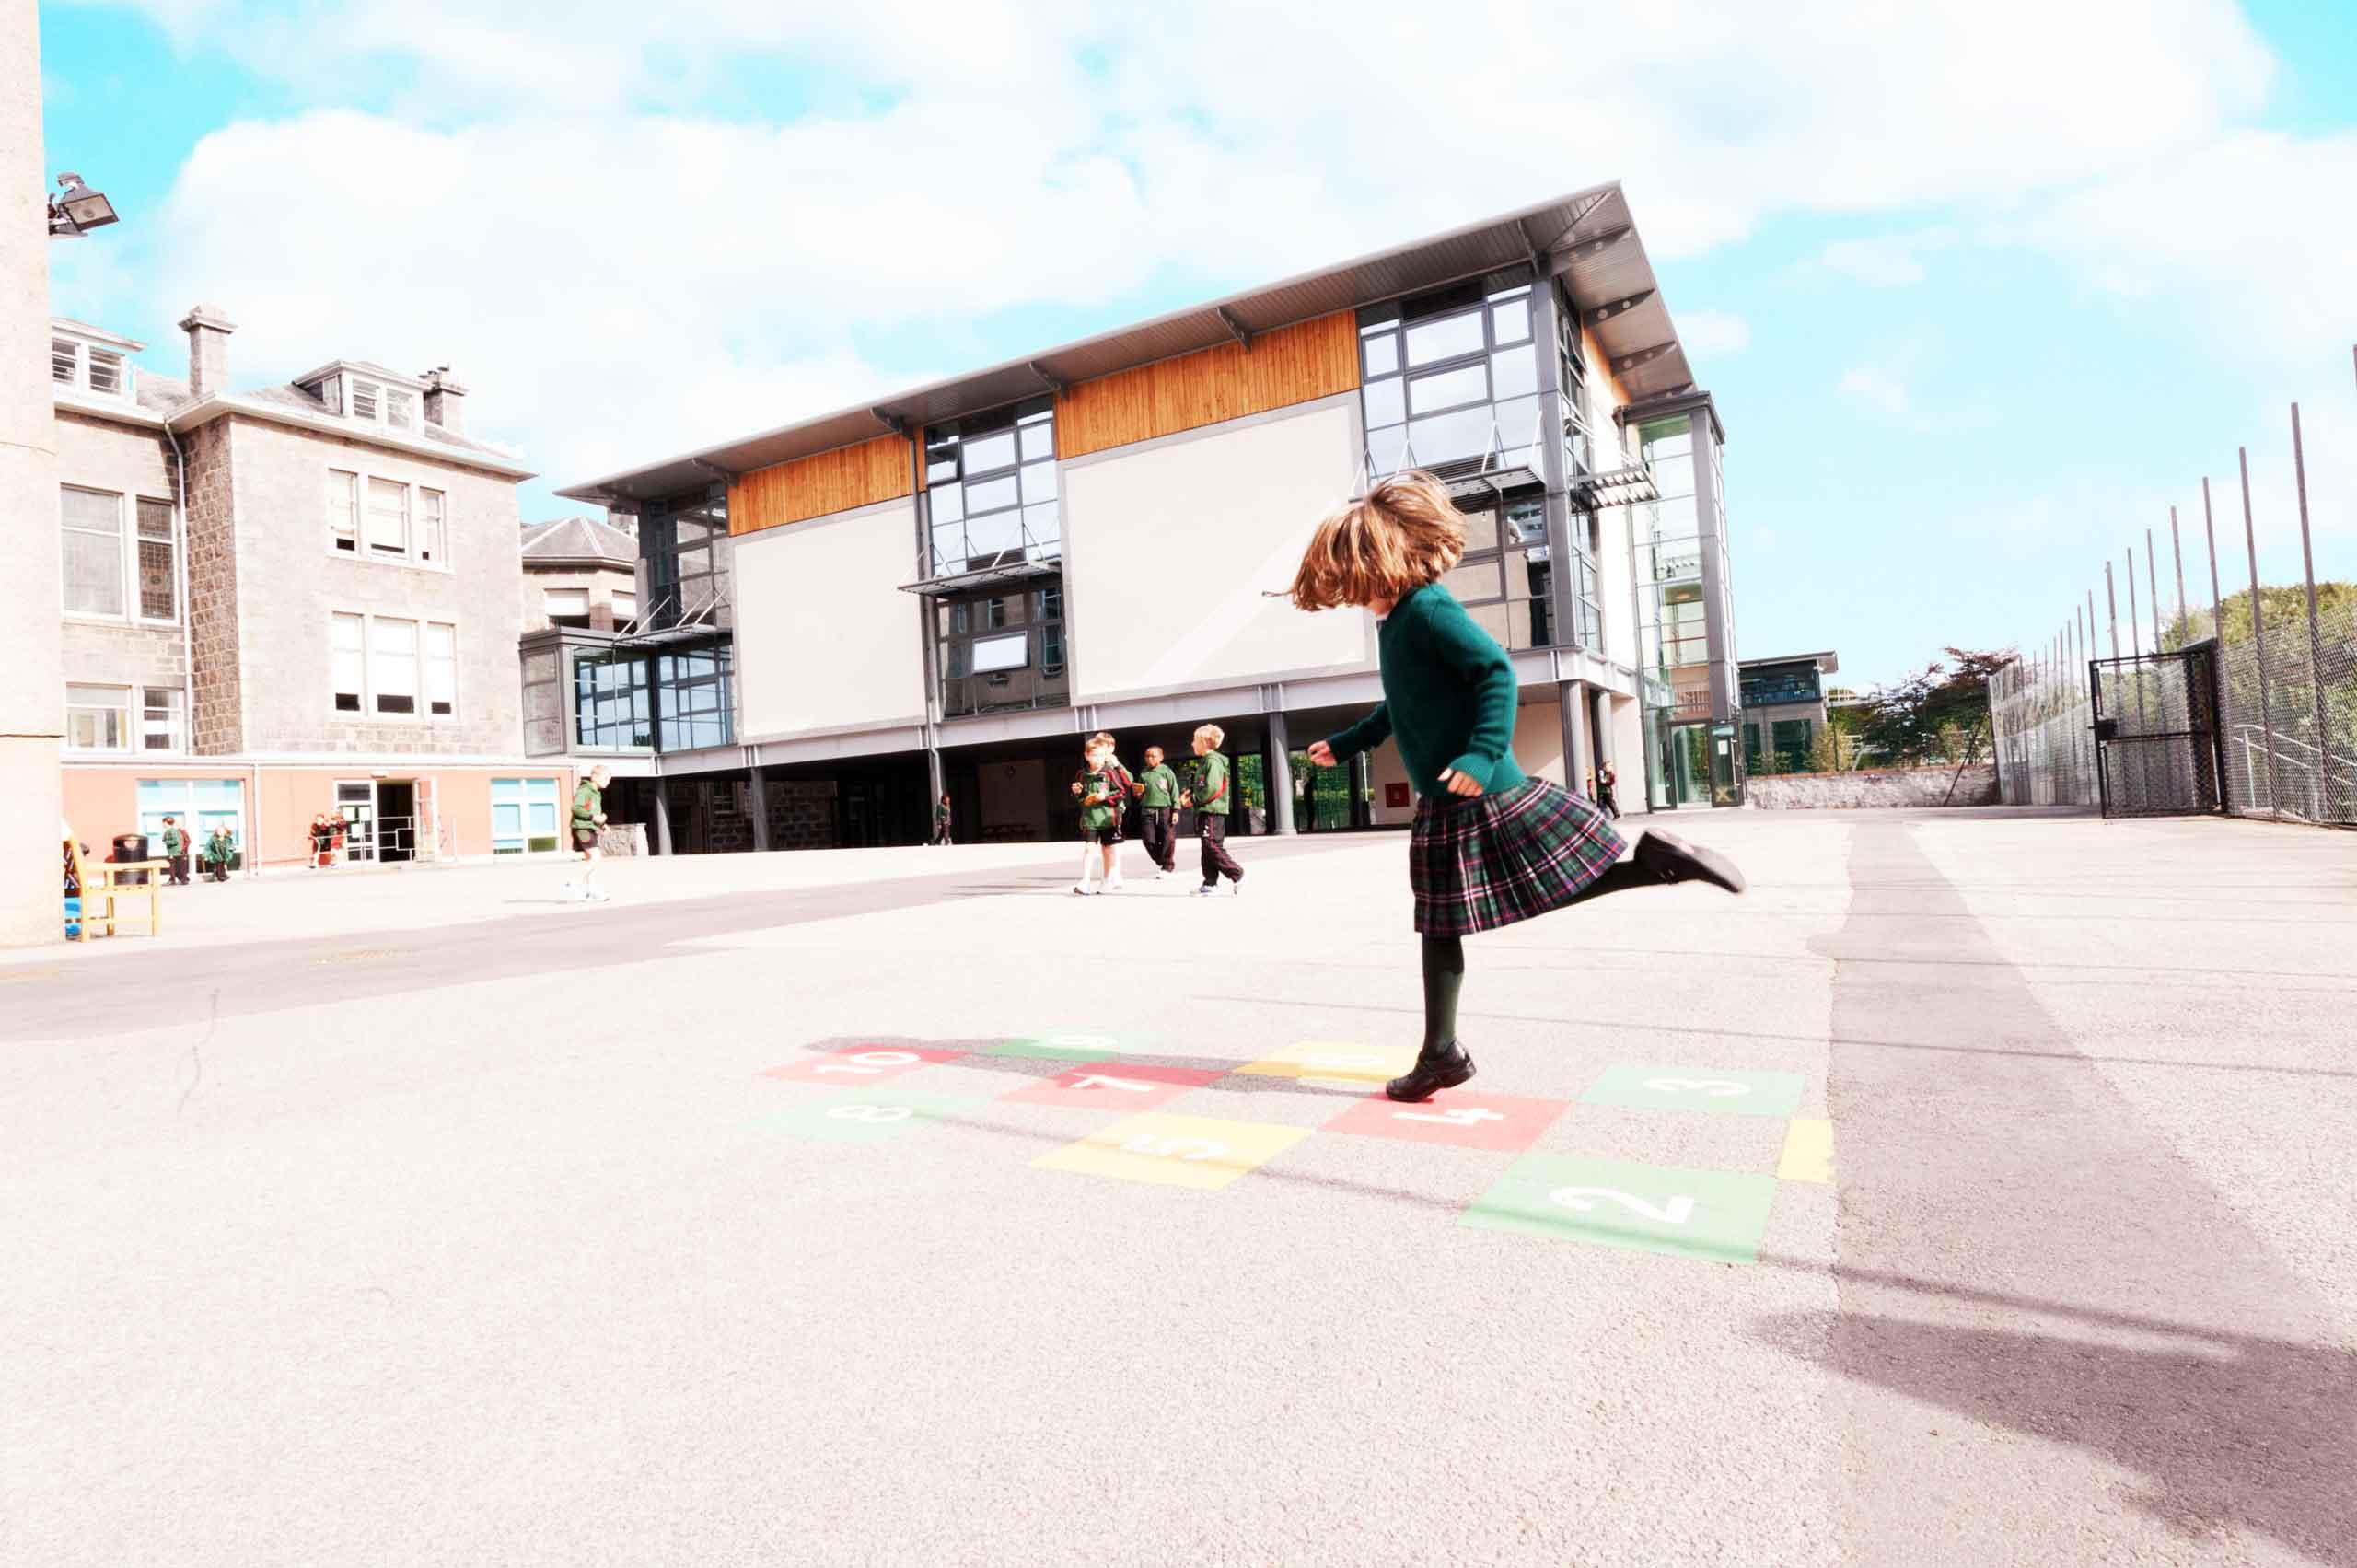 英国苏格兰阿尔宾学校教学楼